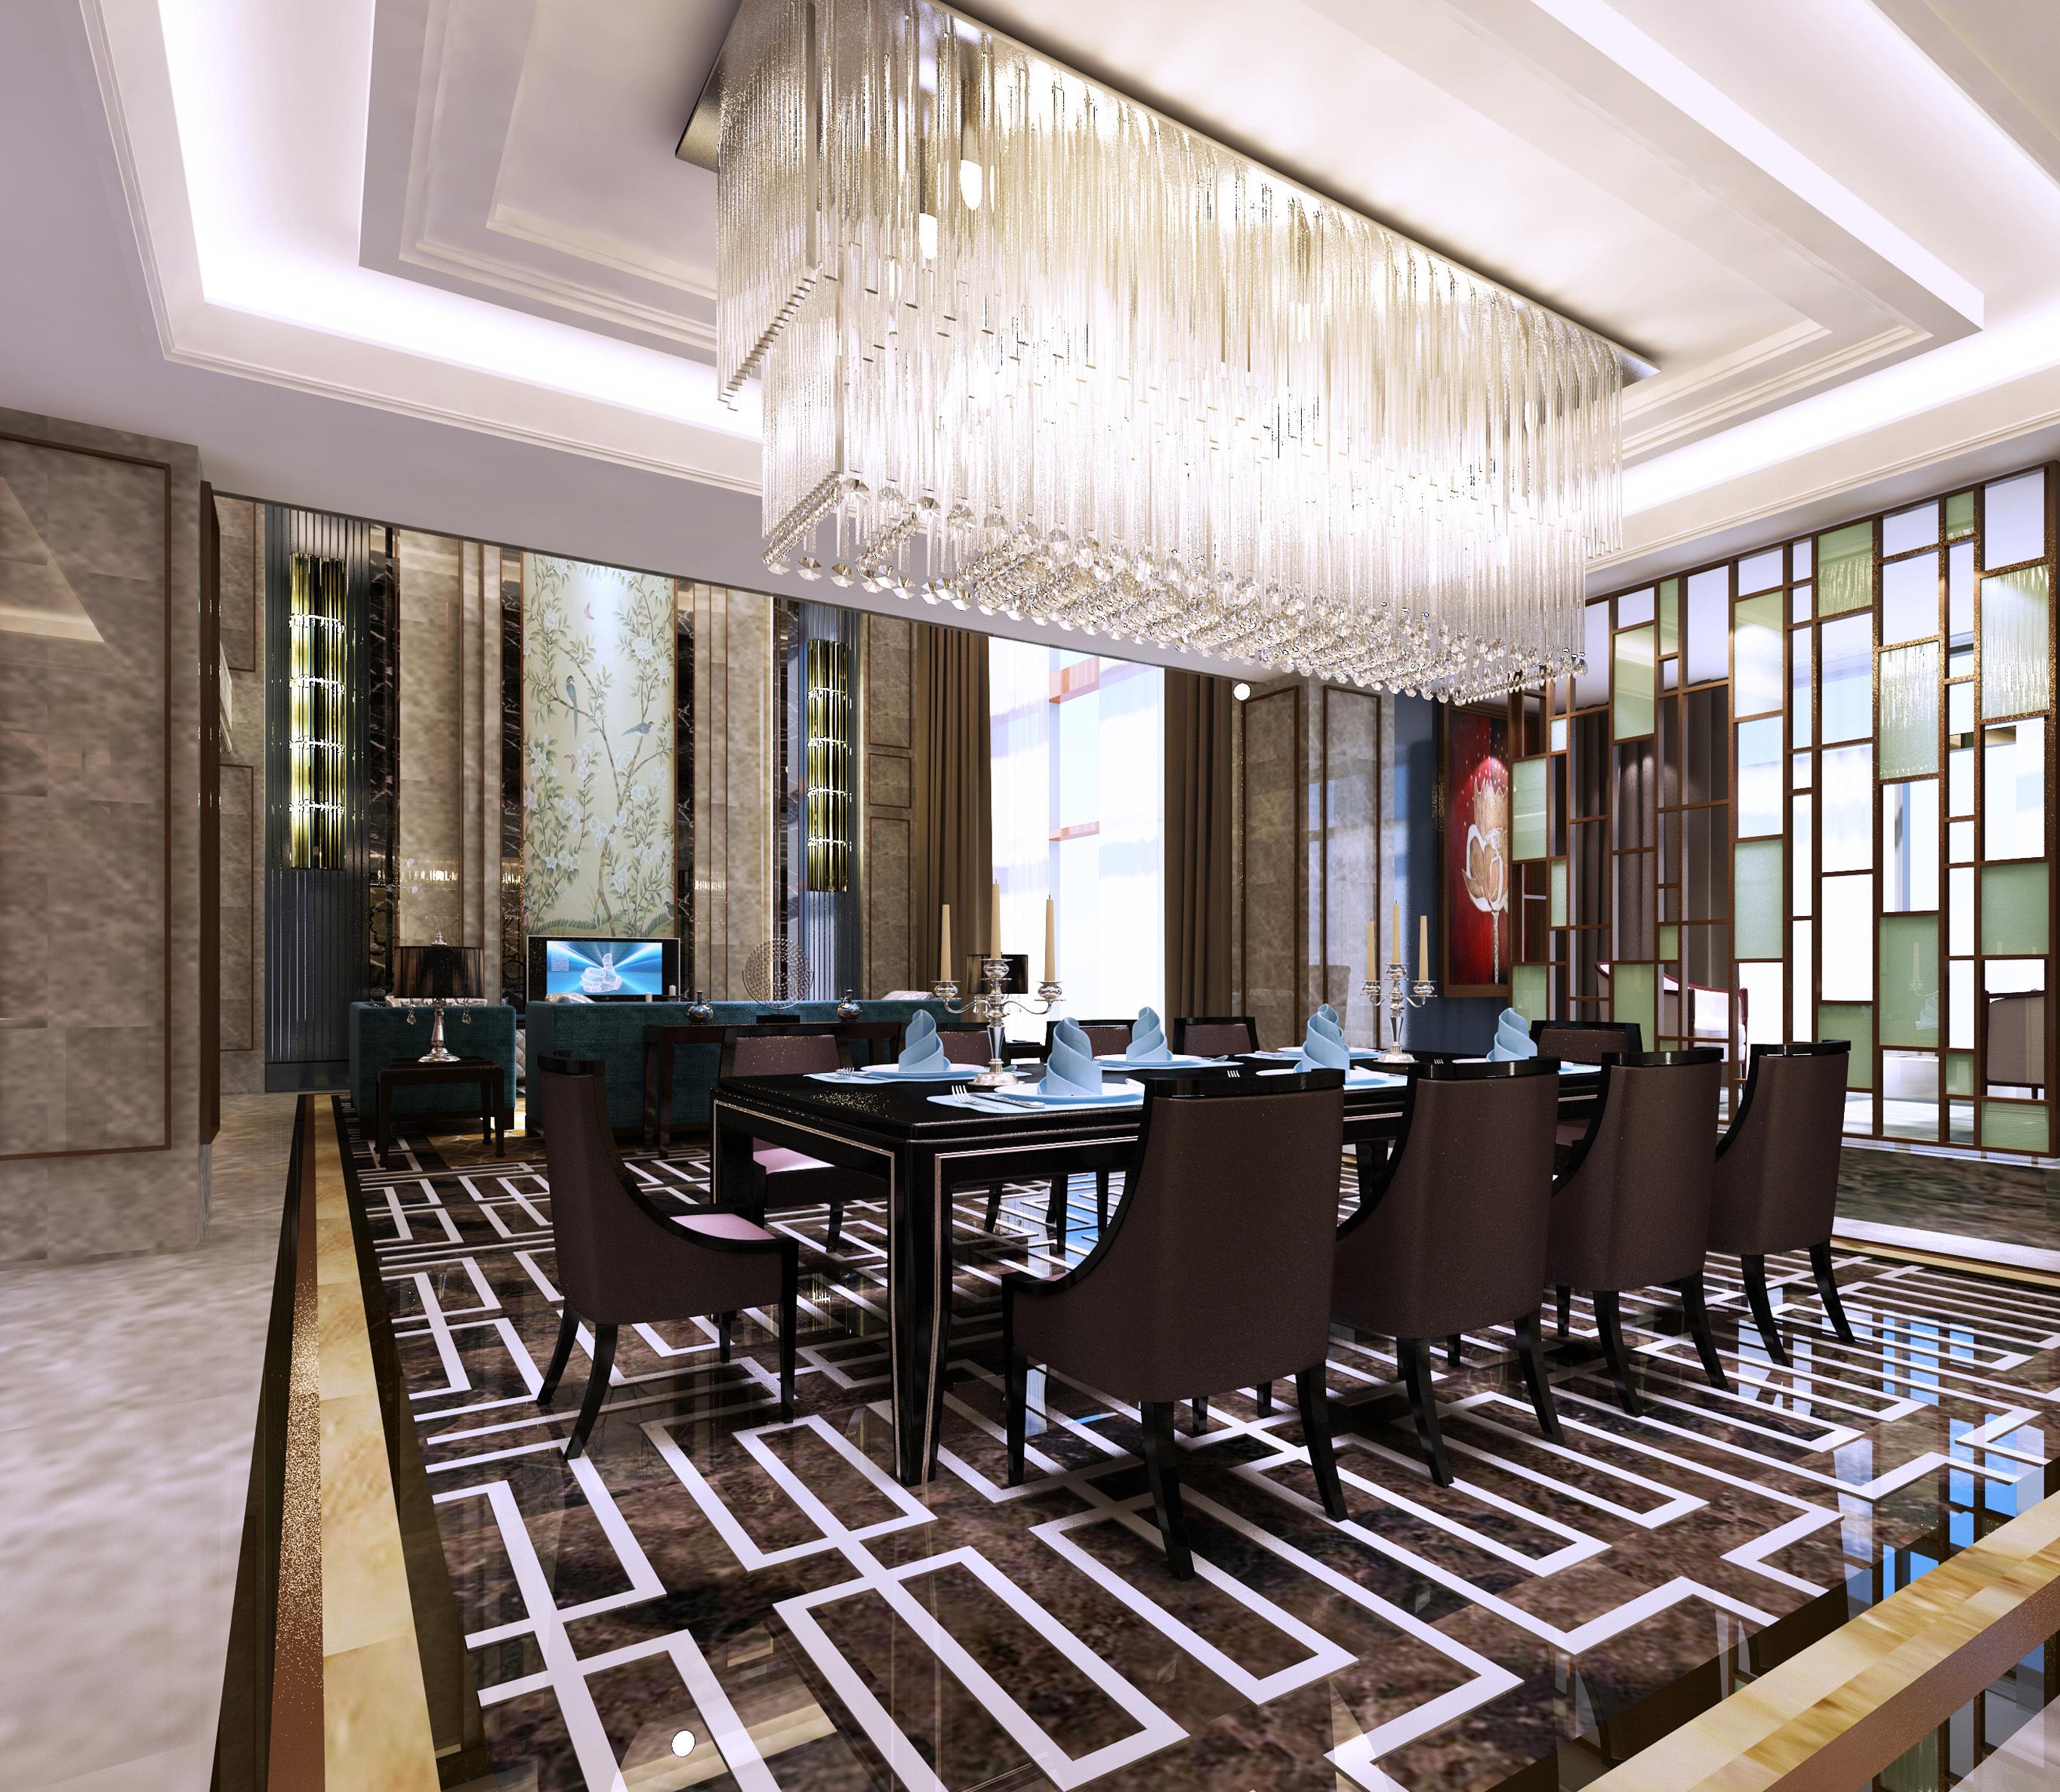 宝华源墅 别墅装修 法式风格 腾龙设计 餐厅图片来自腾龙设计在宝华源墅别墅装修法式风格设计的分享